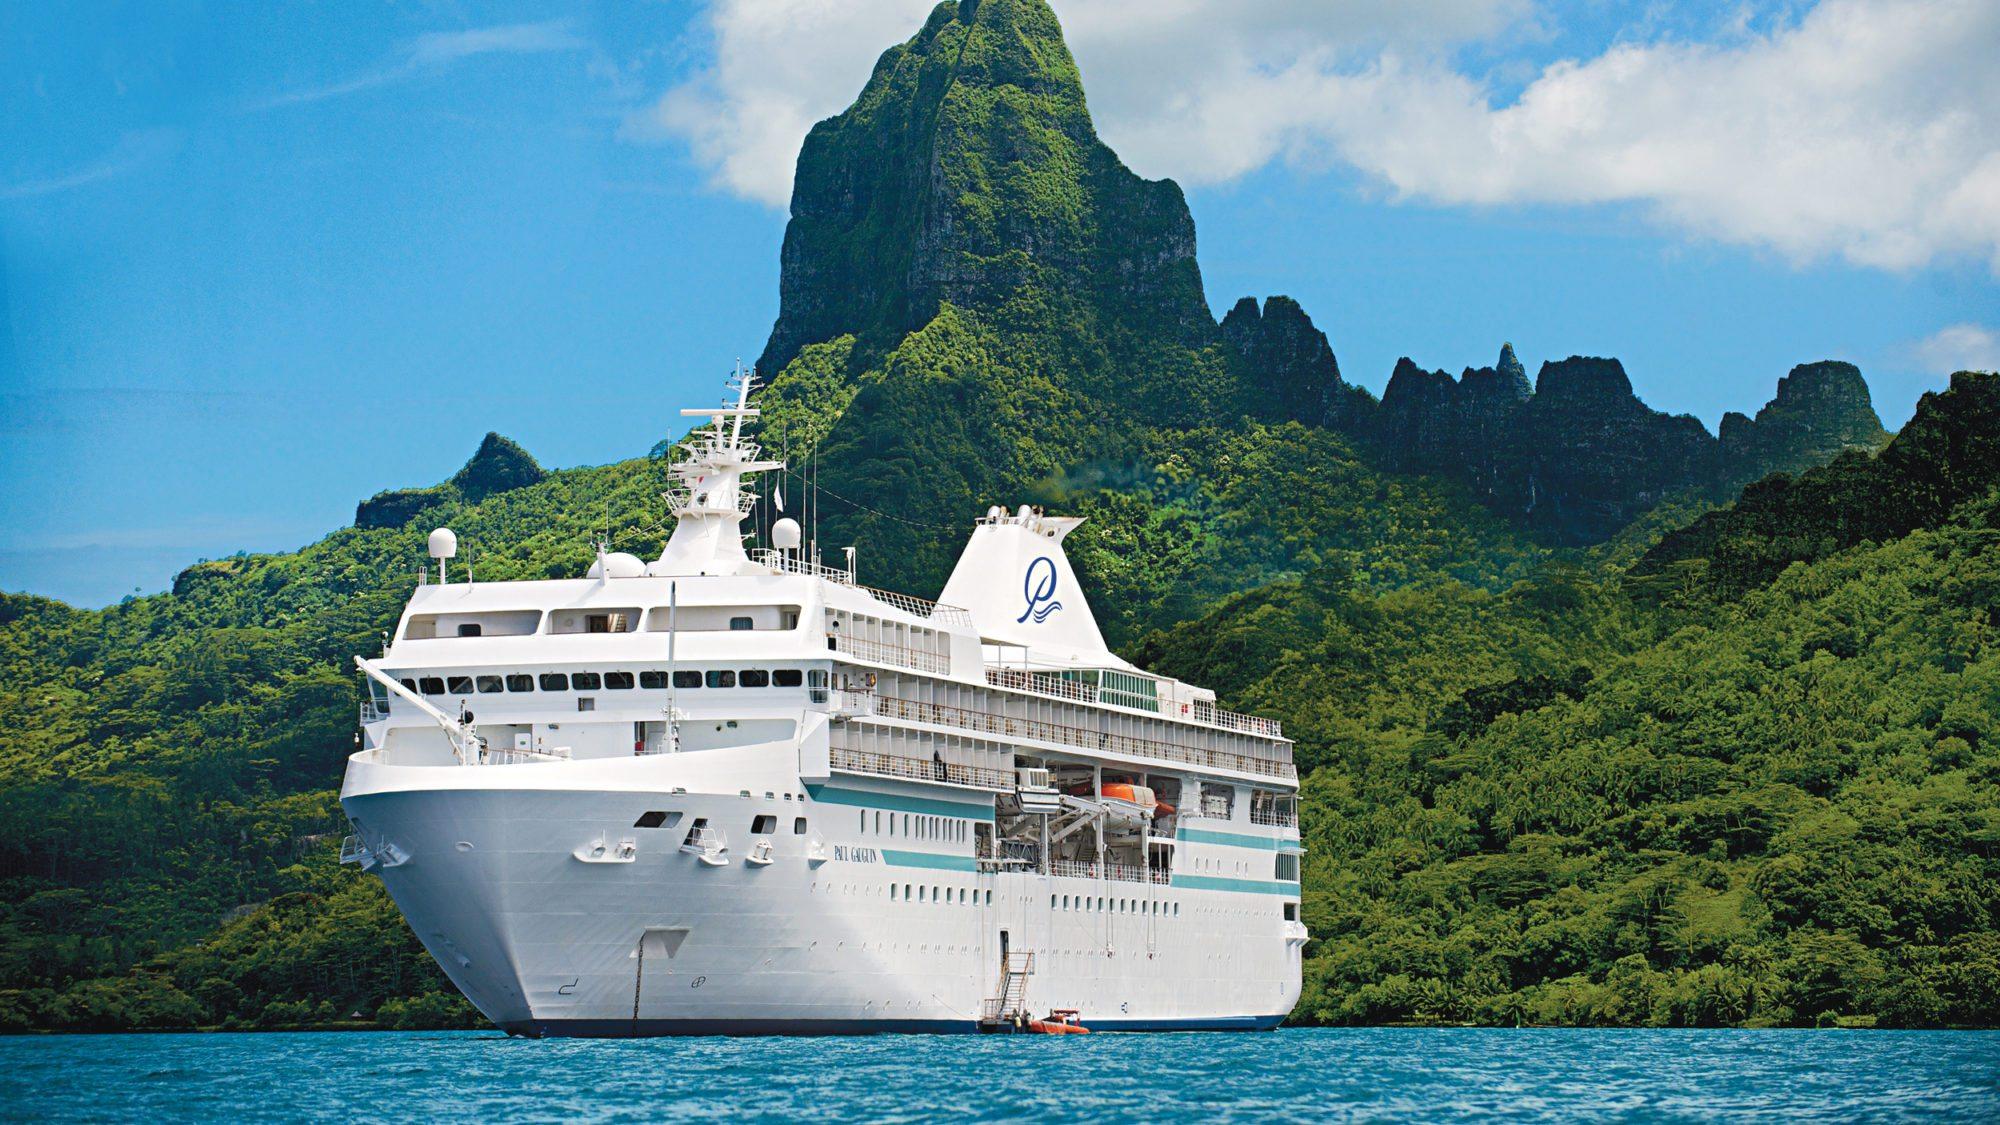 Krydstogtskibet Paul Gauguin med plads til 332 passagerer måtte afbryde et krydstogt i Fransk Polynesien. PR-foto af Paul Gauguin fra rederiet Ponant.